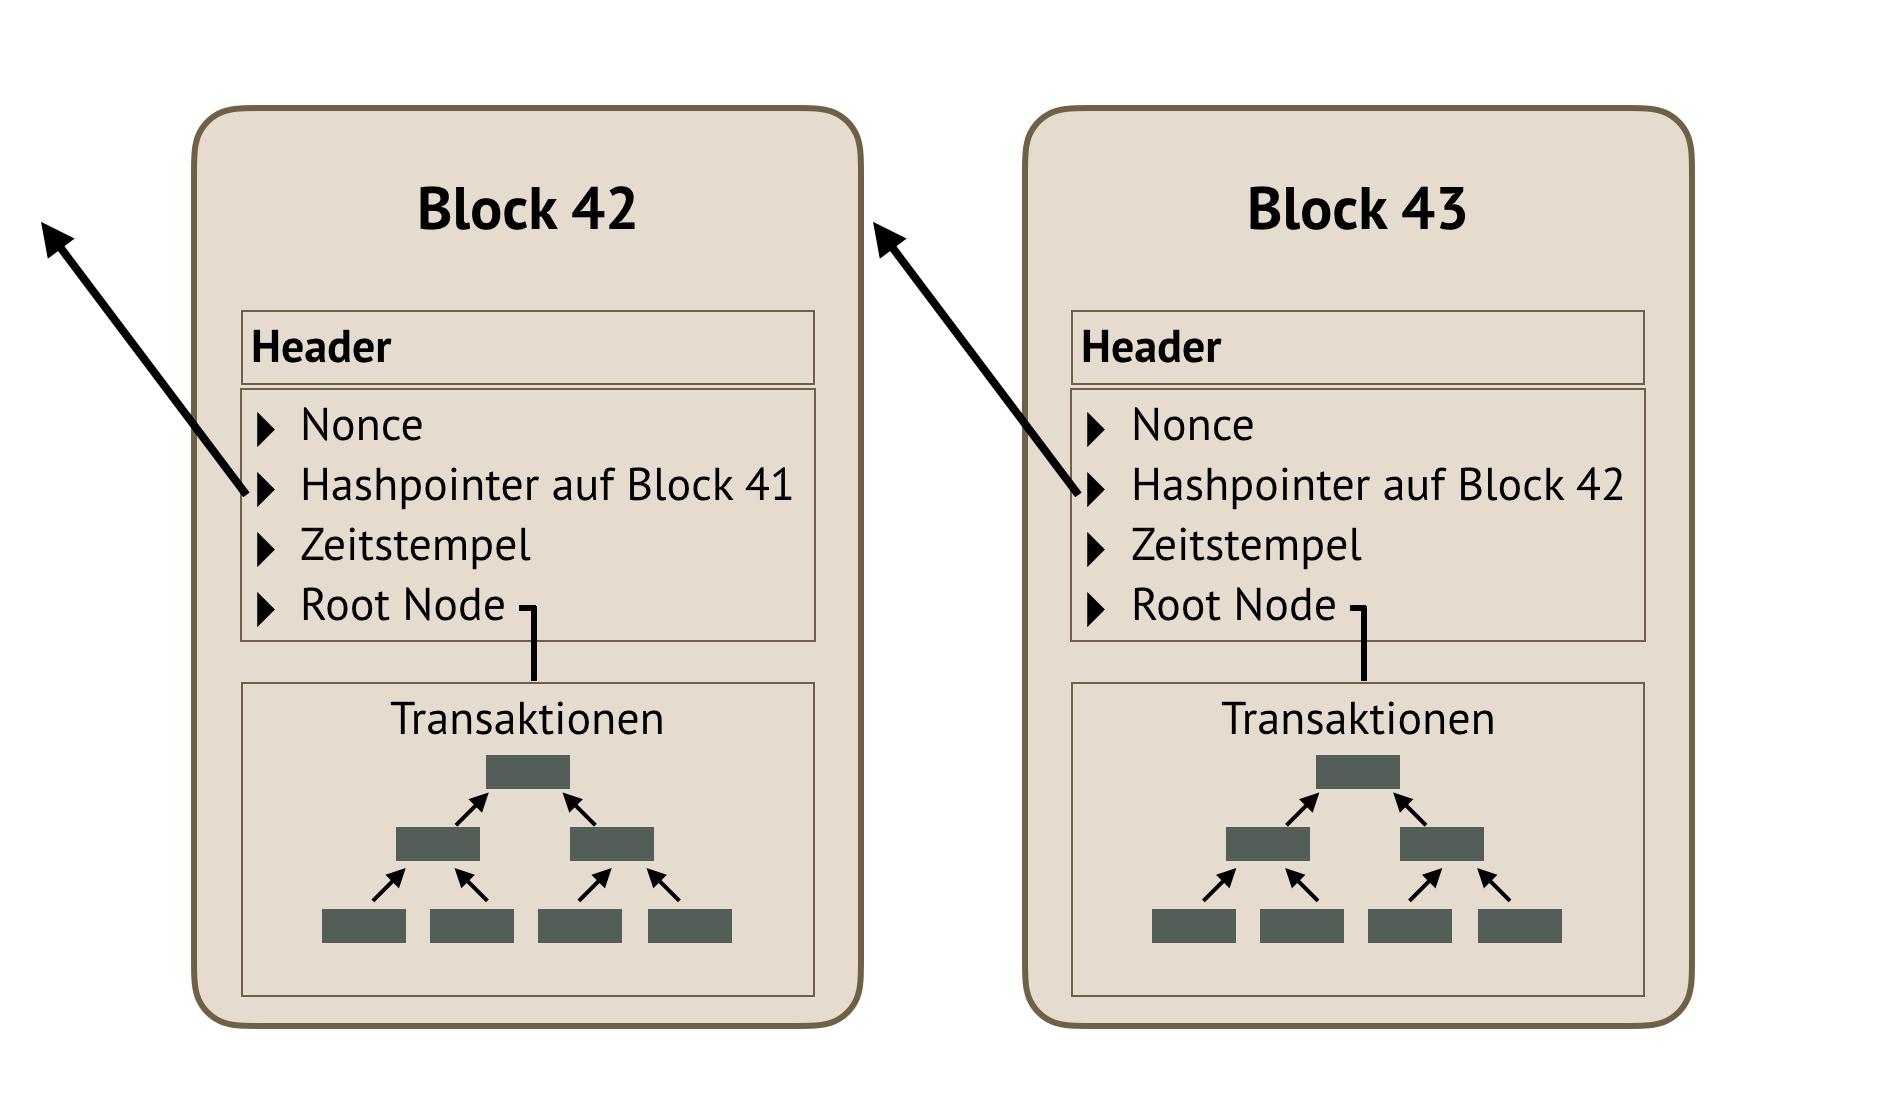 Abb. 1: Block                                     bestehend aus Header und Transaktionsdaten. [Anna Neovesky /                                     Julius Peinelt 2018. CC BY 4.0.]